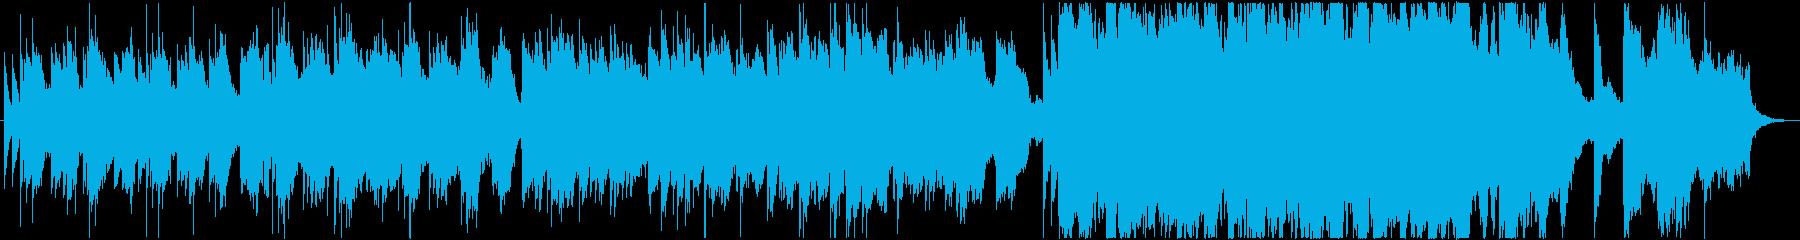 ピアノとストリングスによるラブバラードの再生済みの波形